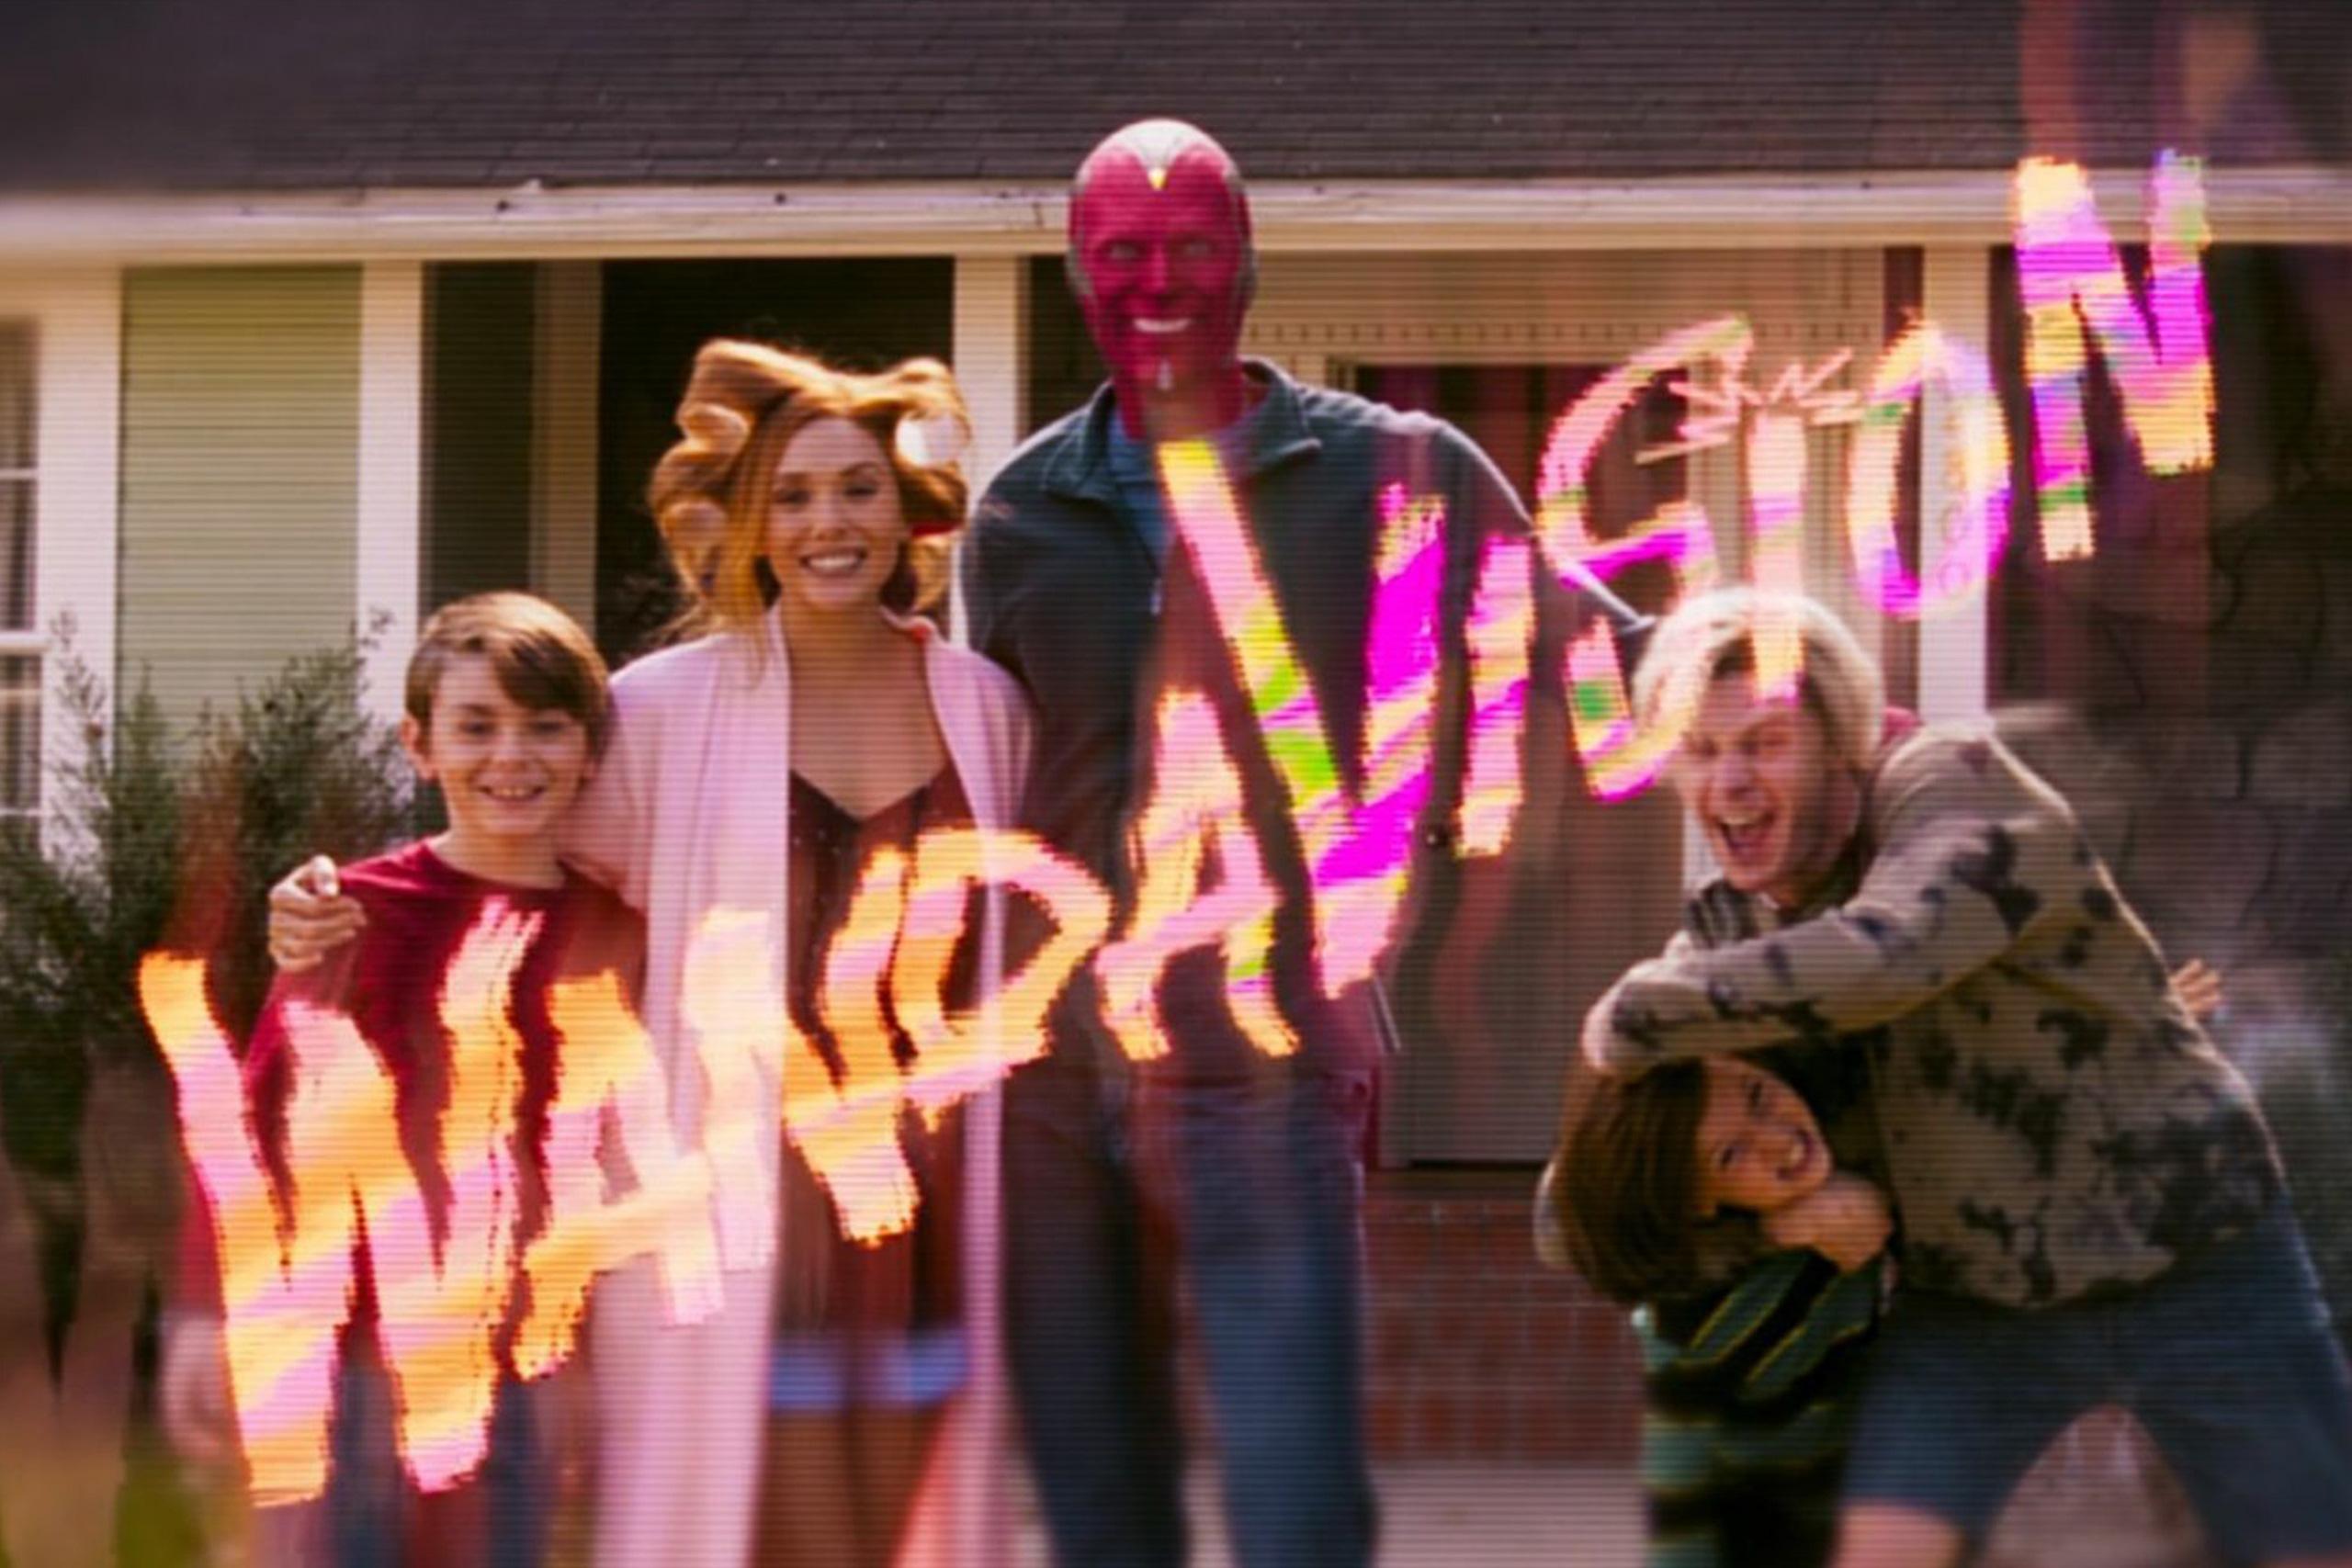 WandaVision: Nước cờ lột xác của Marvel, sáng tạo vô biên đúng chuẩn bom tấn truyền hình nổi nhất thế giới! - Ảnh 1.